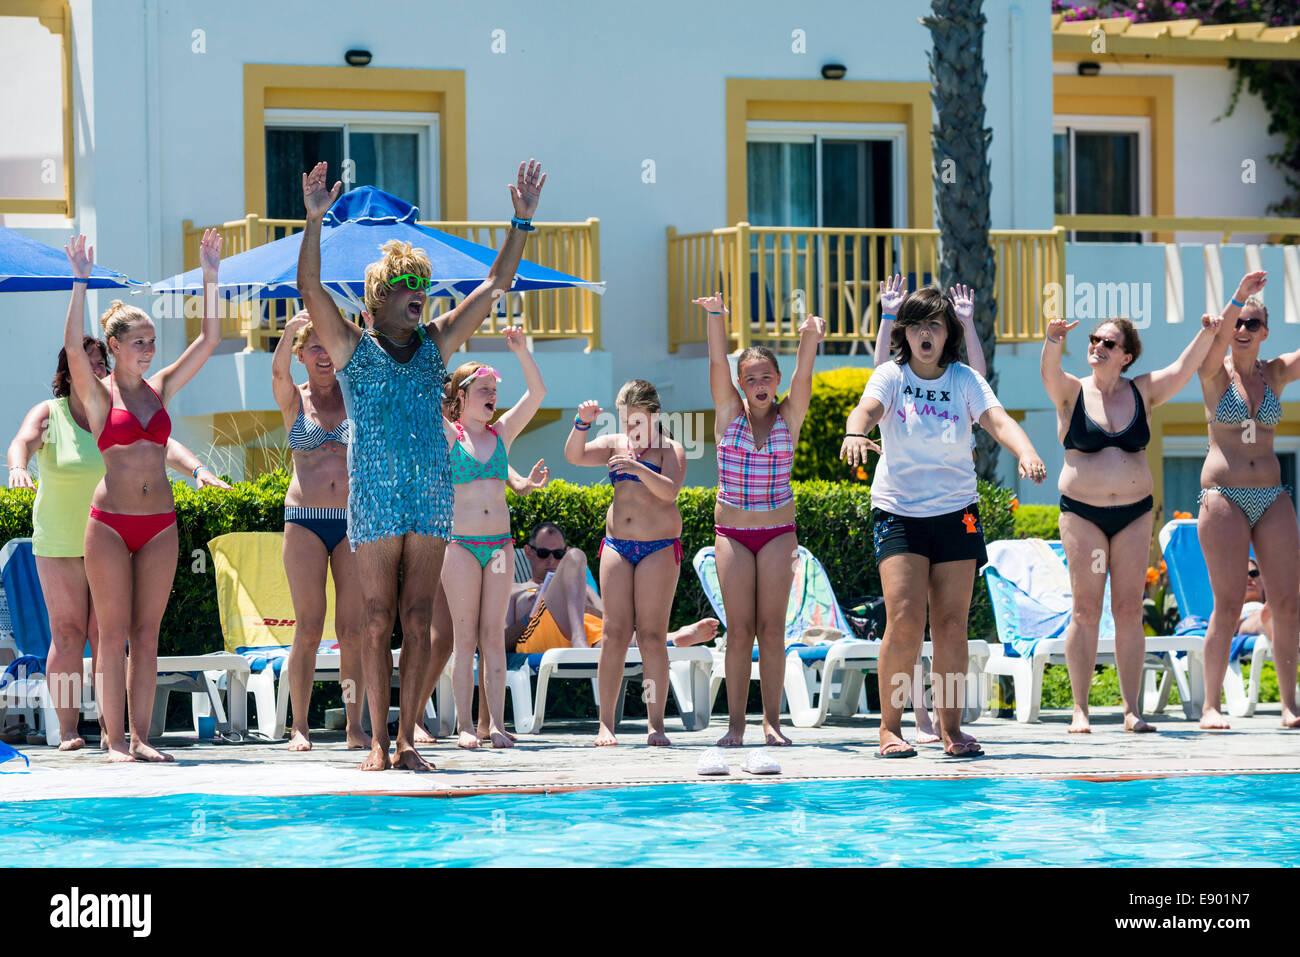 Maison de vacances artiste du spectacle et les clients de l'hôtel l'exercice d'un la piscine, Mastichari, Kos, Grèce Banque D'Images